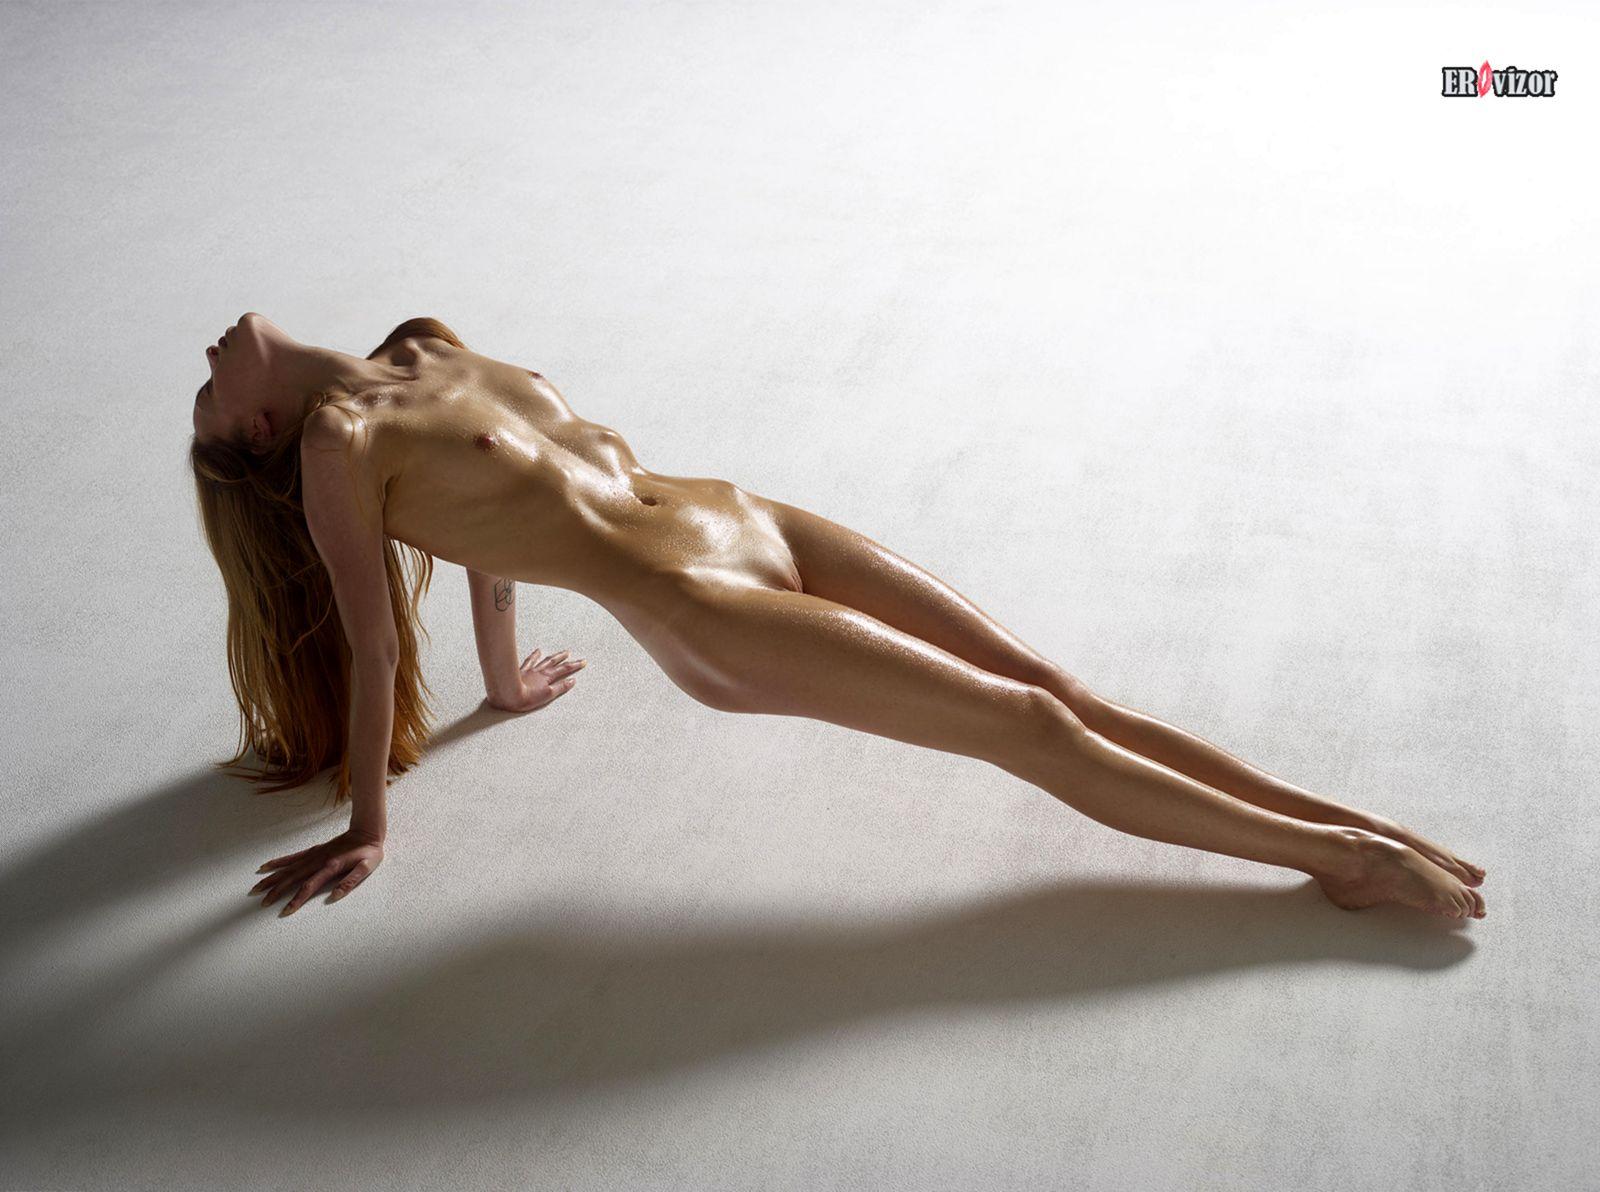 эротика стройной голой девушки на полу